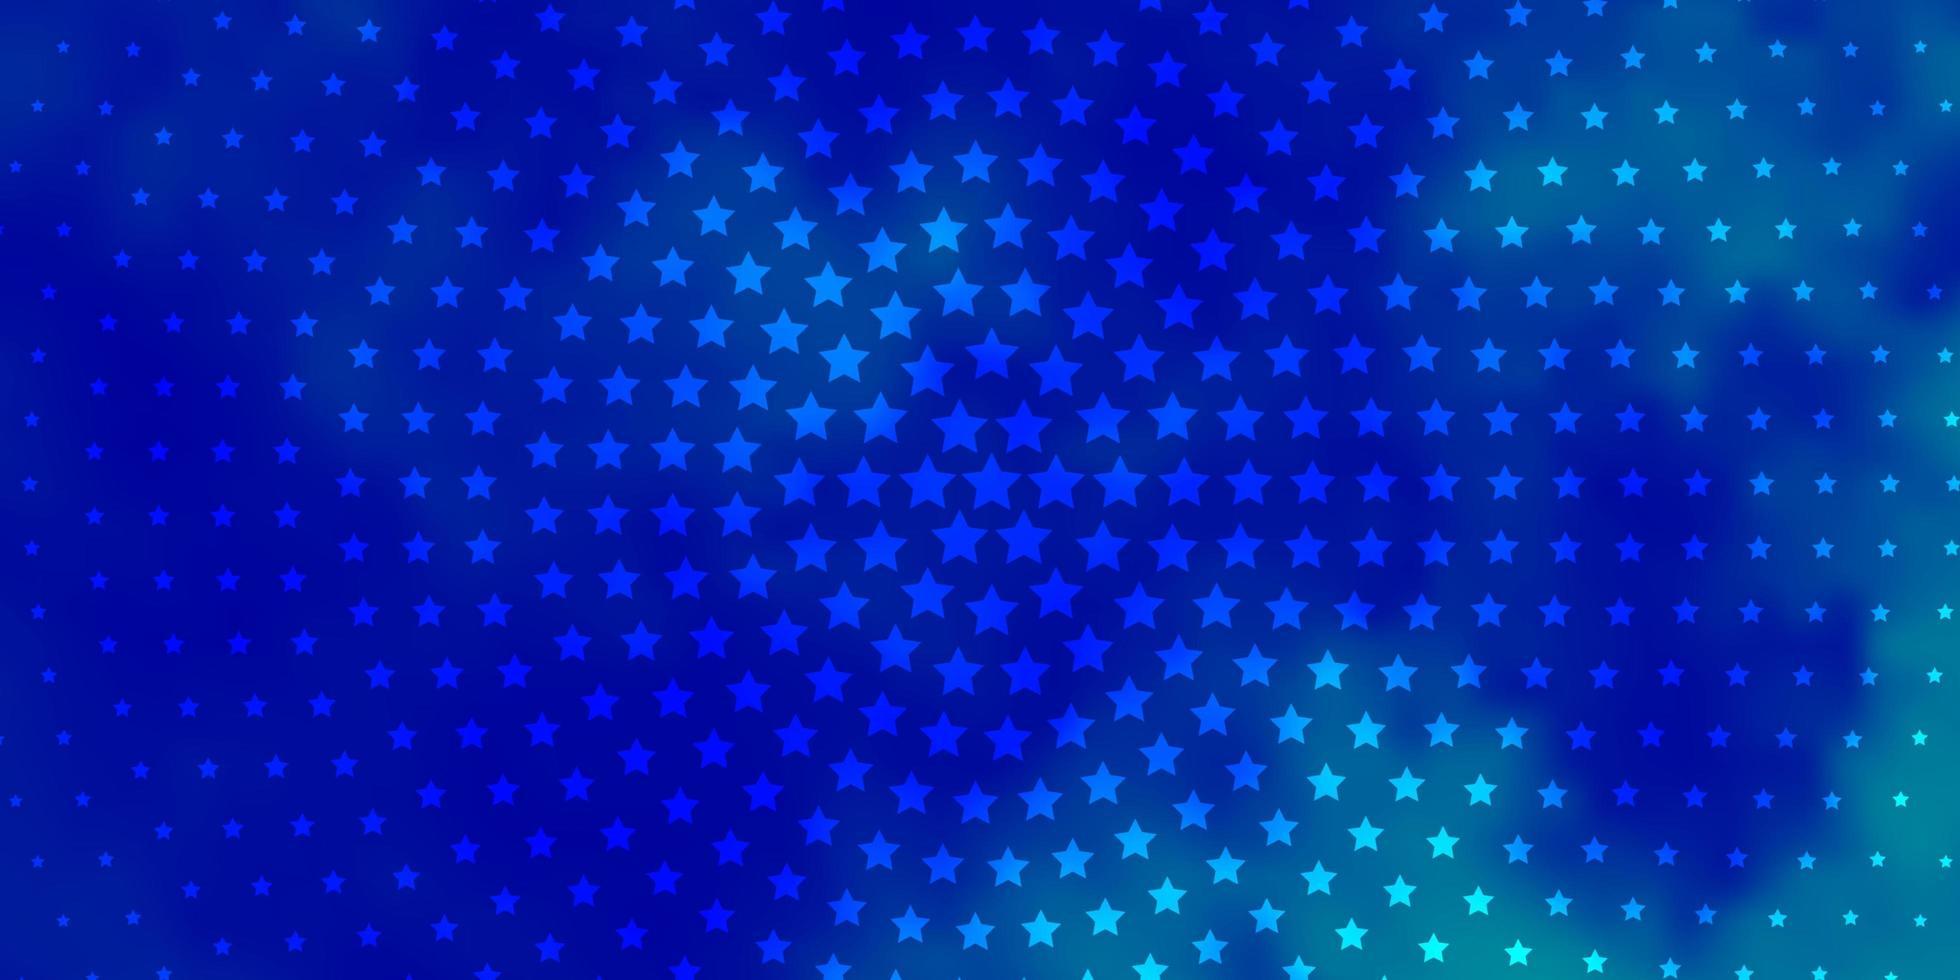 modelo de vetor azul claro com estrelas de néon